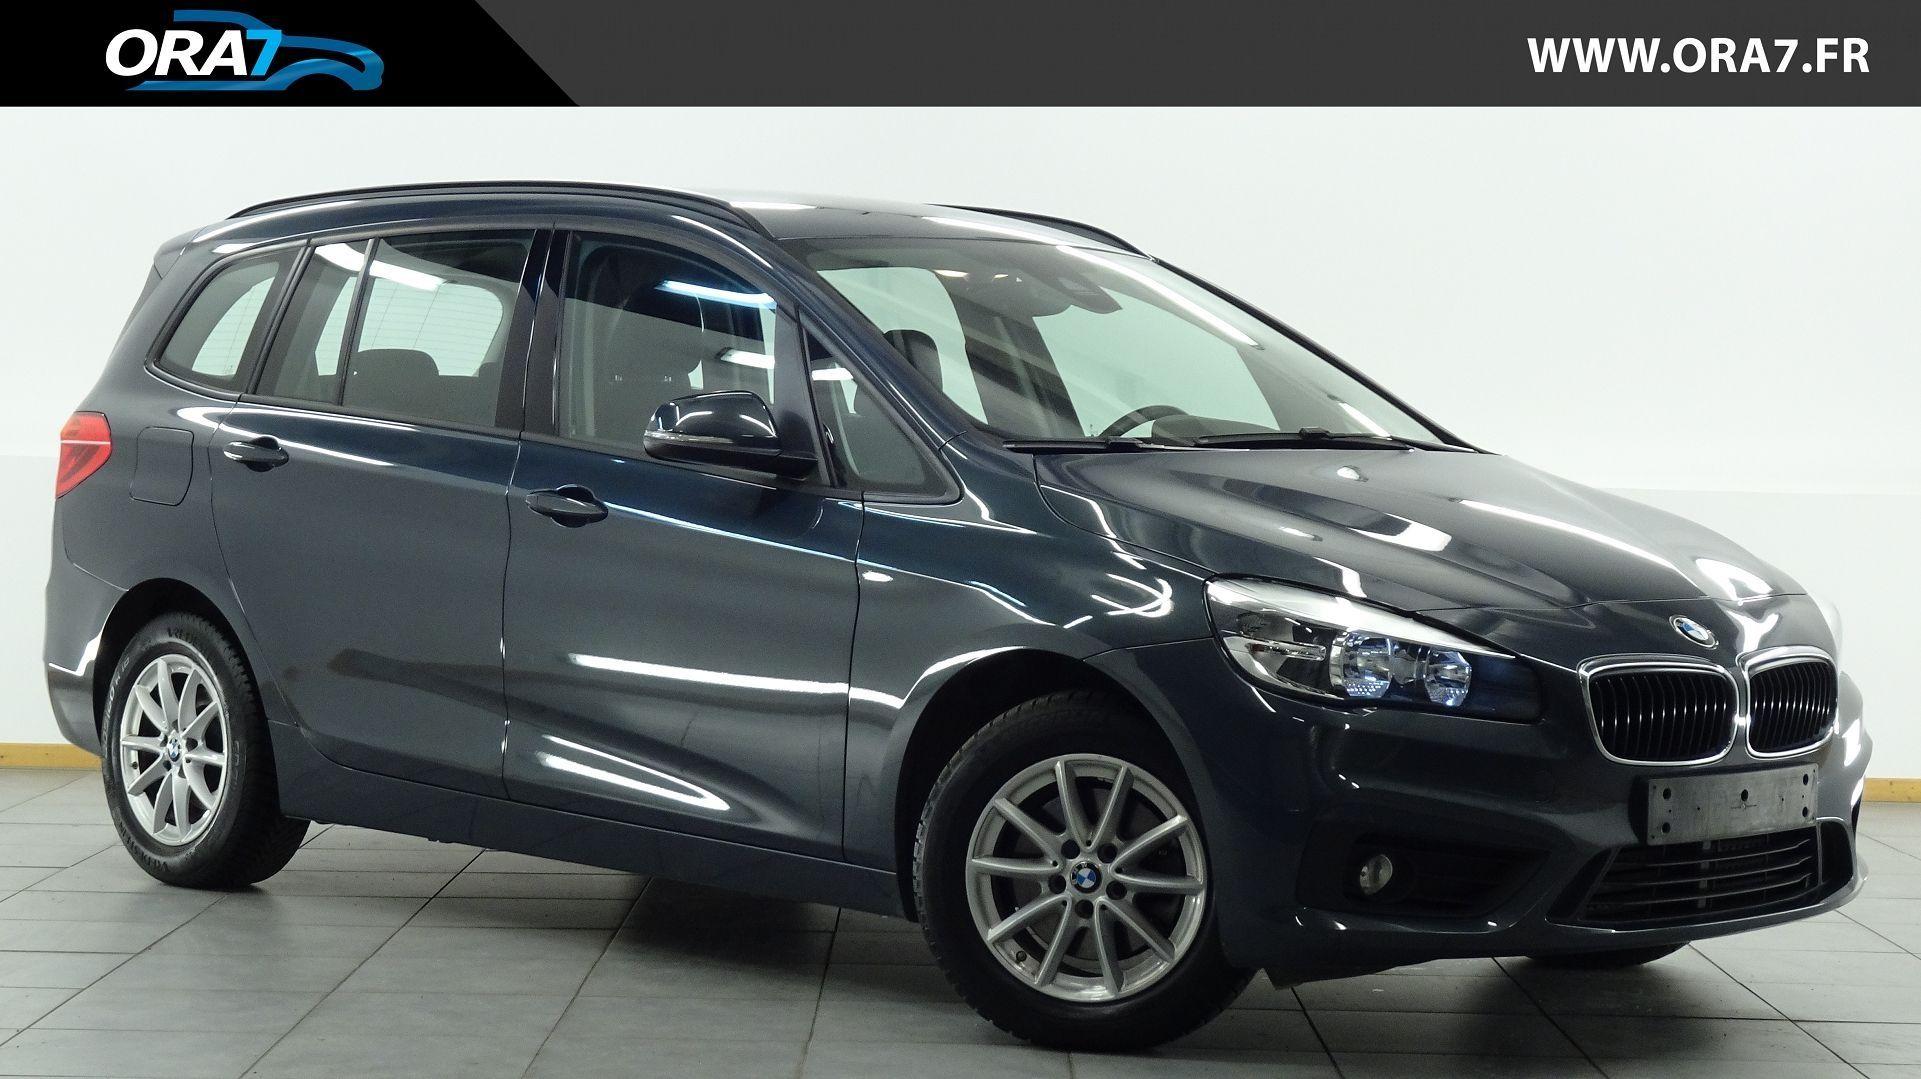 BMW SERIE 2 GRAN TOURER (F46) 218D 150CH LOUNGE d'occasion dans votre centre ORA7